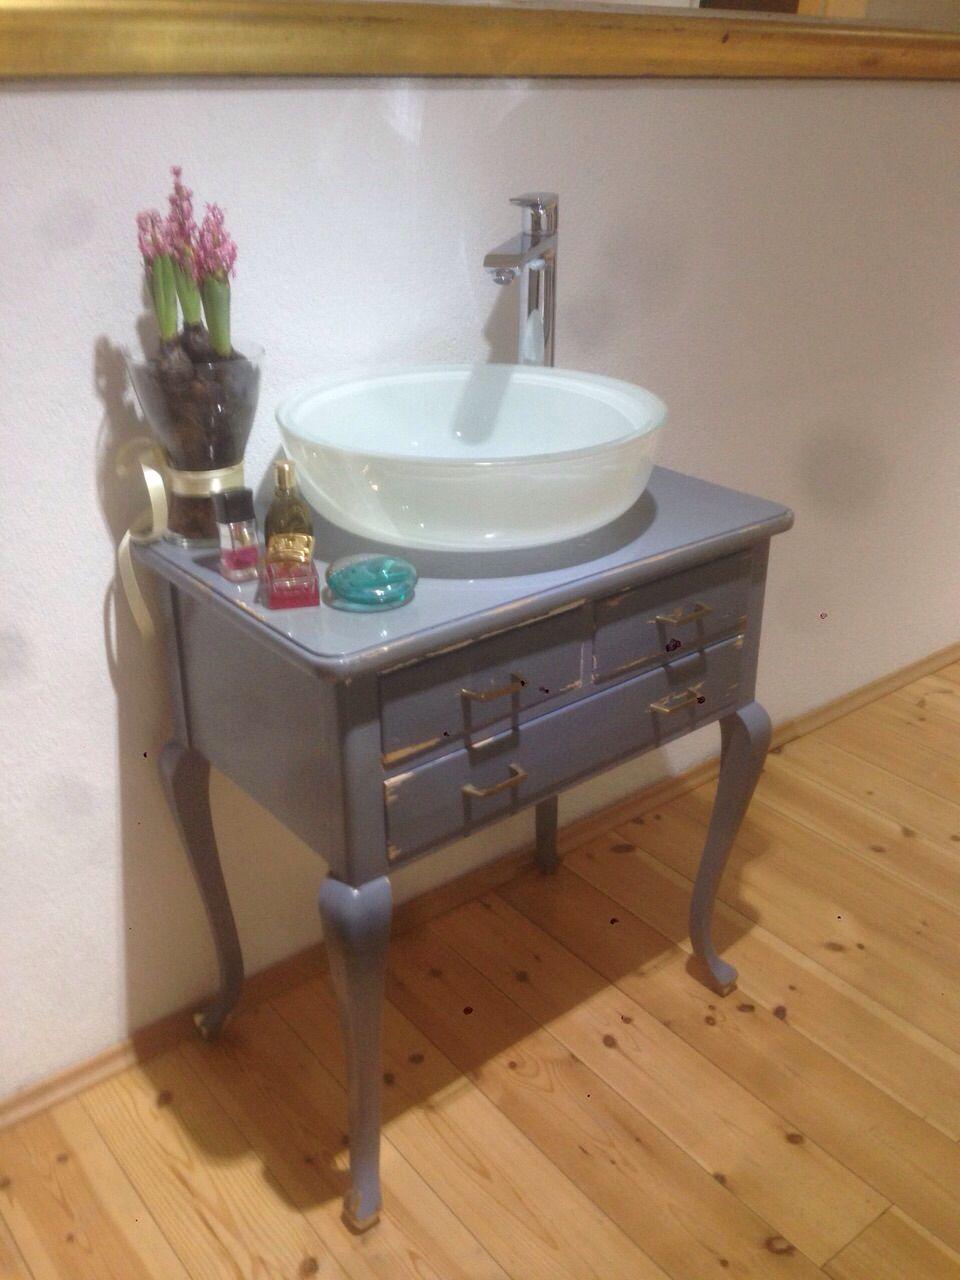 Vintage badezimmer design waschtisch bad vintage landhausstil loft design redesigned by ben p